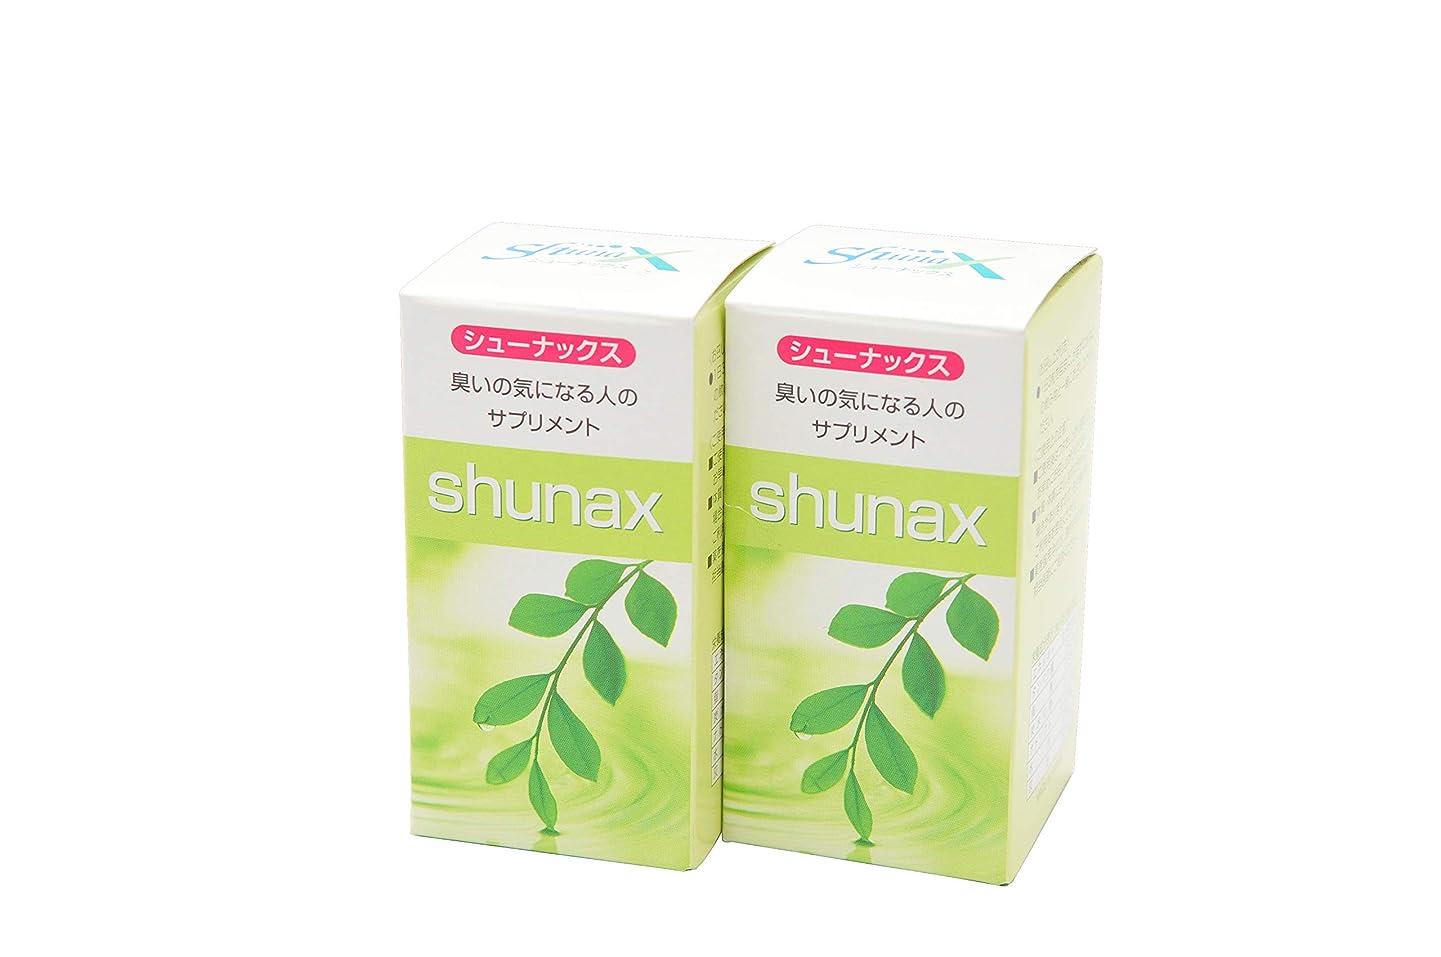 かもめごちそう器用シューナックス【shunax】1箱30日分x2個セット 口臭、体臭、加齢臭対策の消臭サプリメント。エチケット?デート?介護時のニオイに。